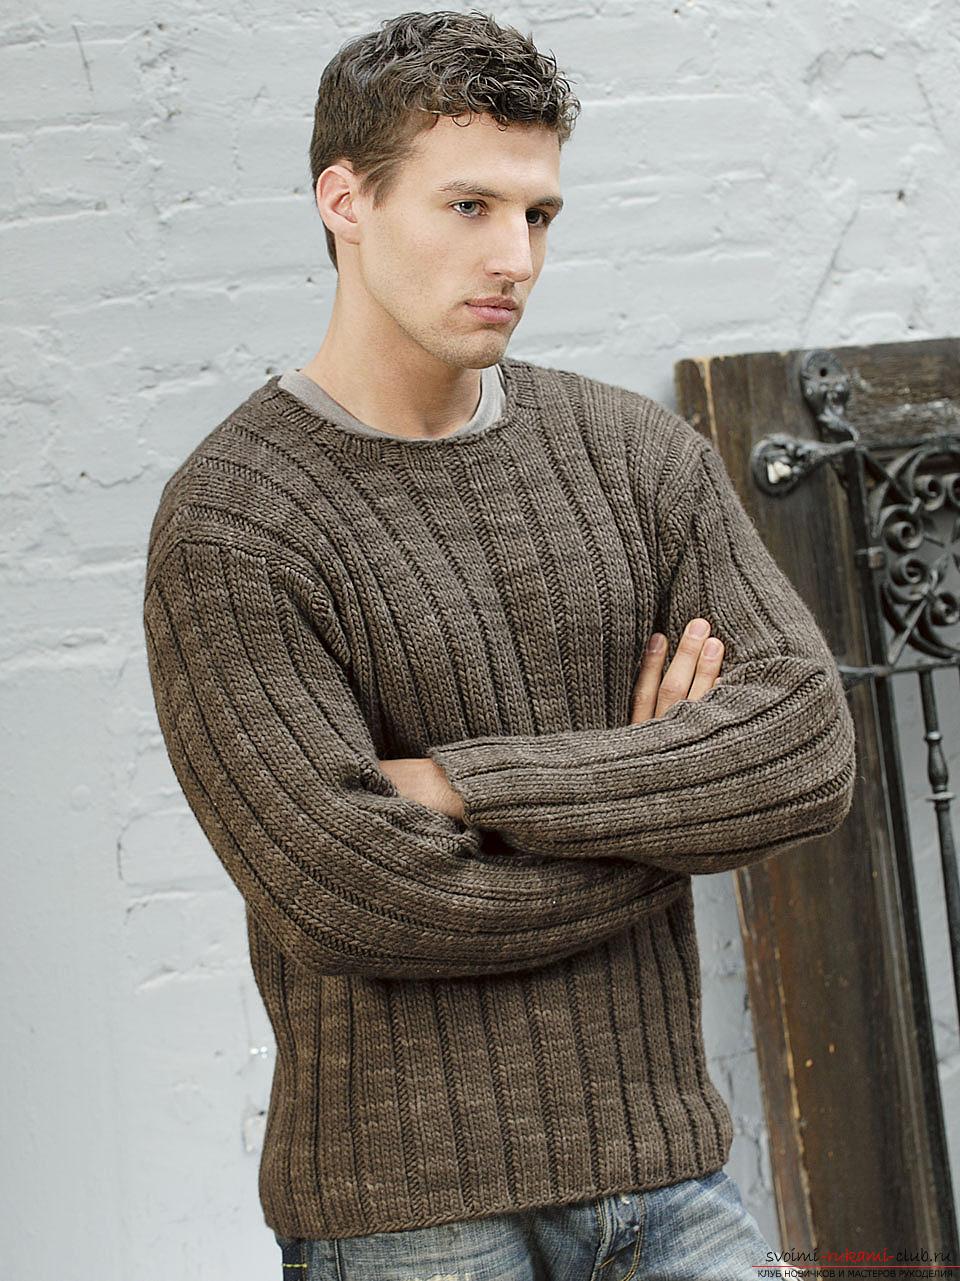 Современные мужские модели по вязанию